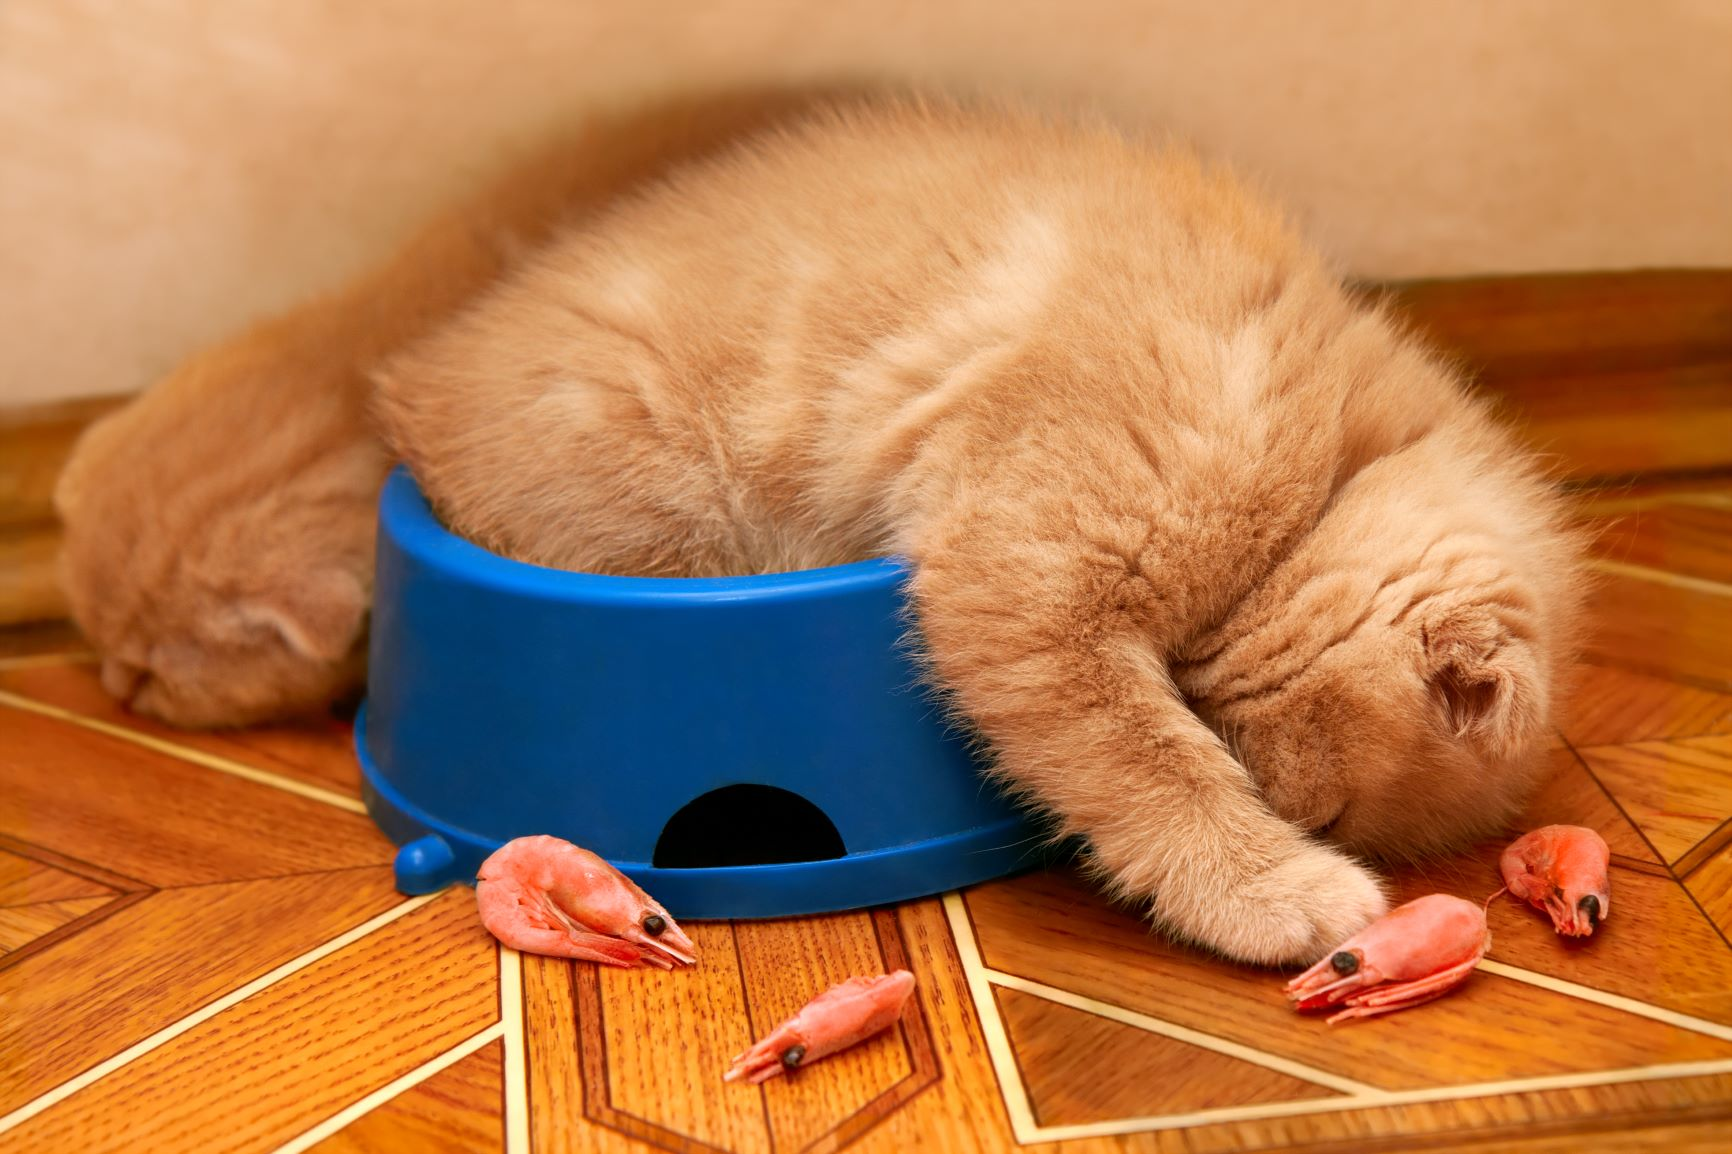 חתול בתוך צלחת אוכל